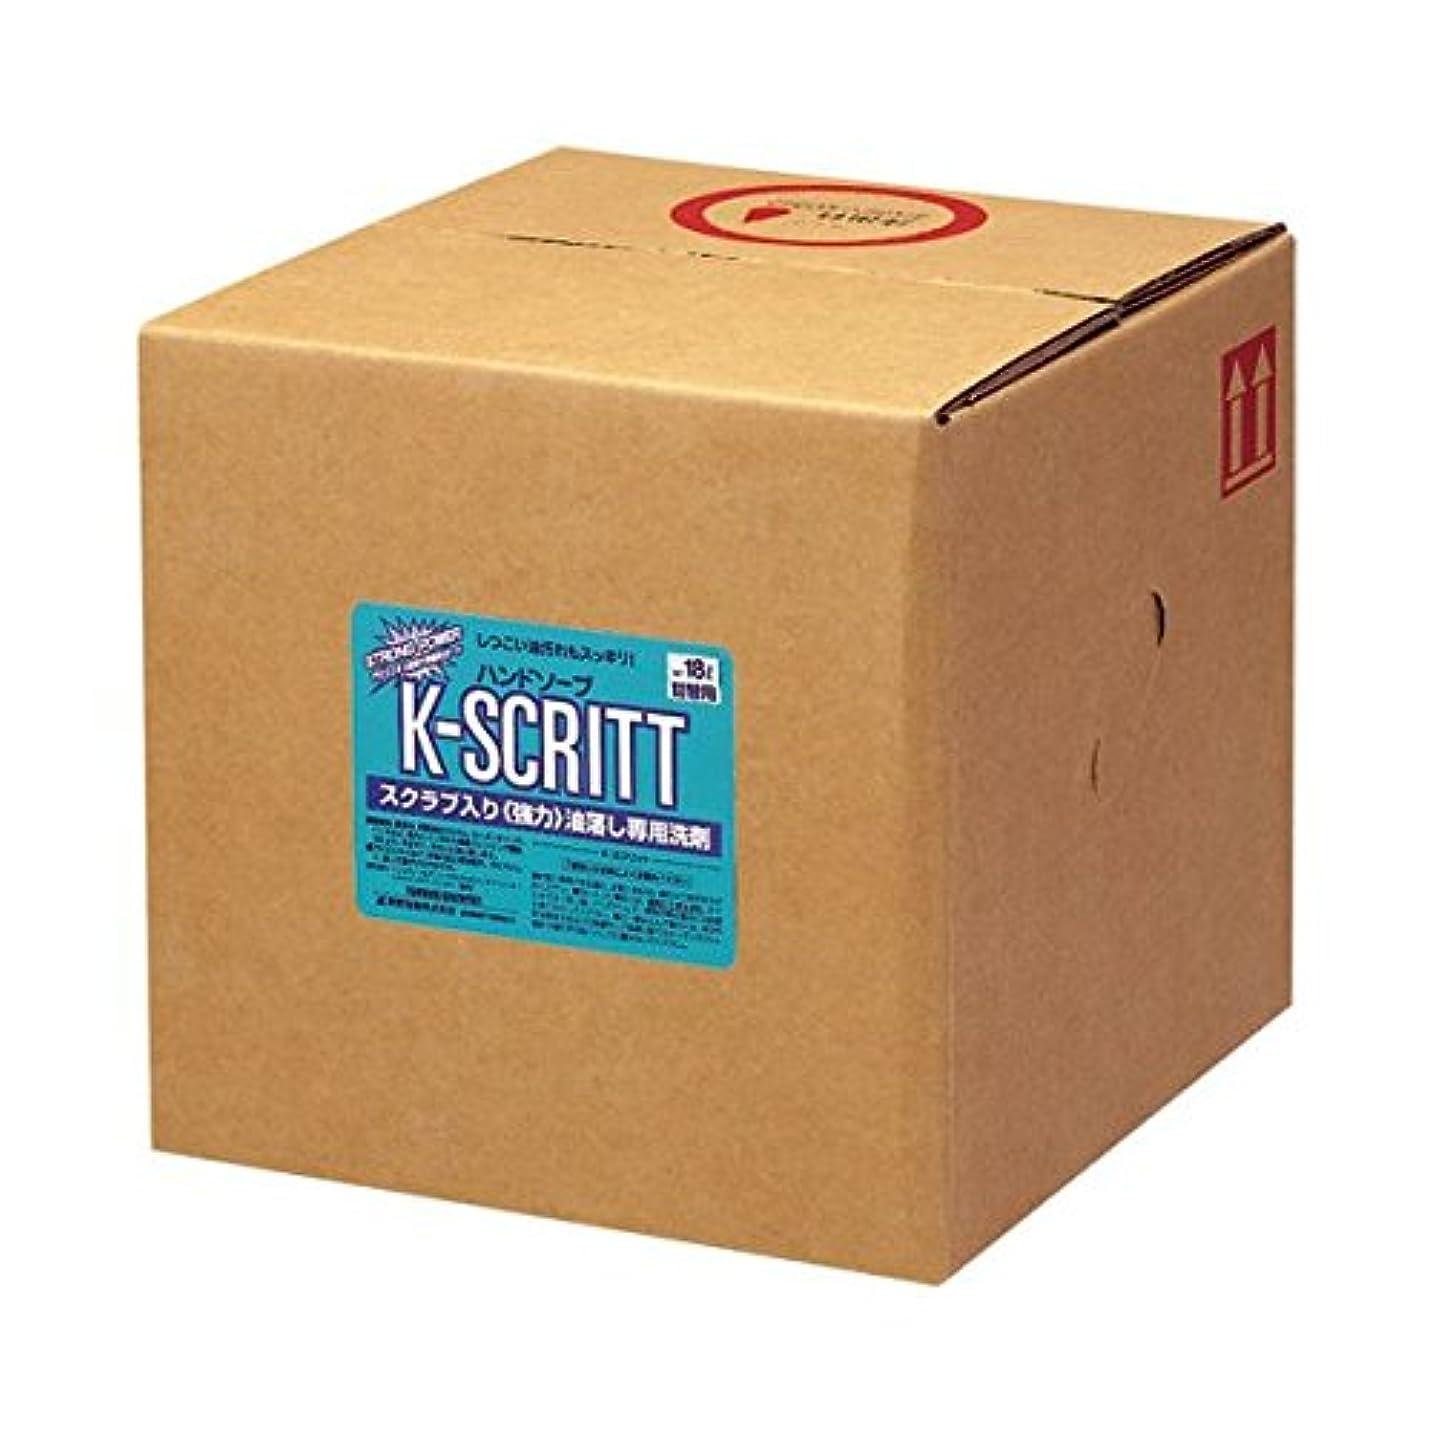 精通したラブ望む熊野油脂 K-スクリット ハンドソープ 詰替用 18L ds-1825966